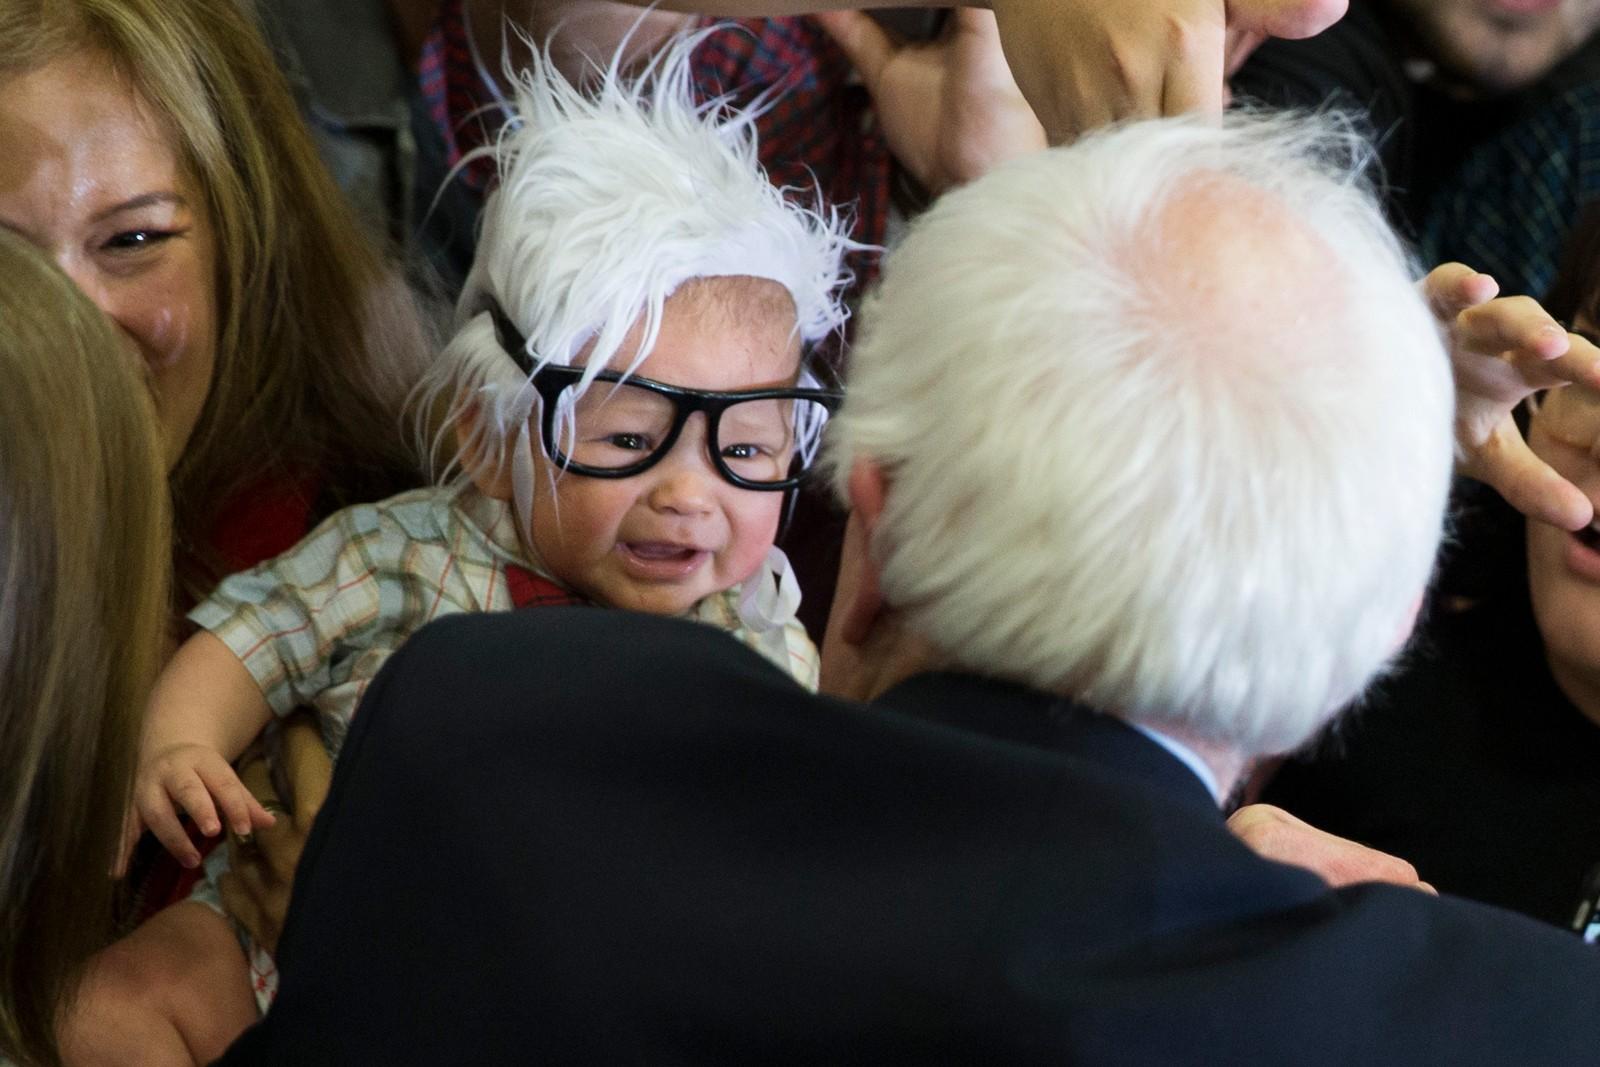 Bernie Sanders (74) møter Oliver Lomas (3 mnd.) i Las Vegas i februar, og ble en internett-hit over natta. To uker senere døde imidlertid «Bernie-babyen» i krybbedød.